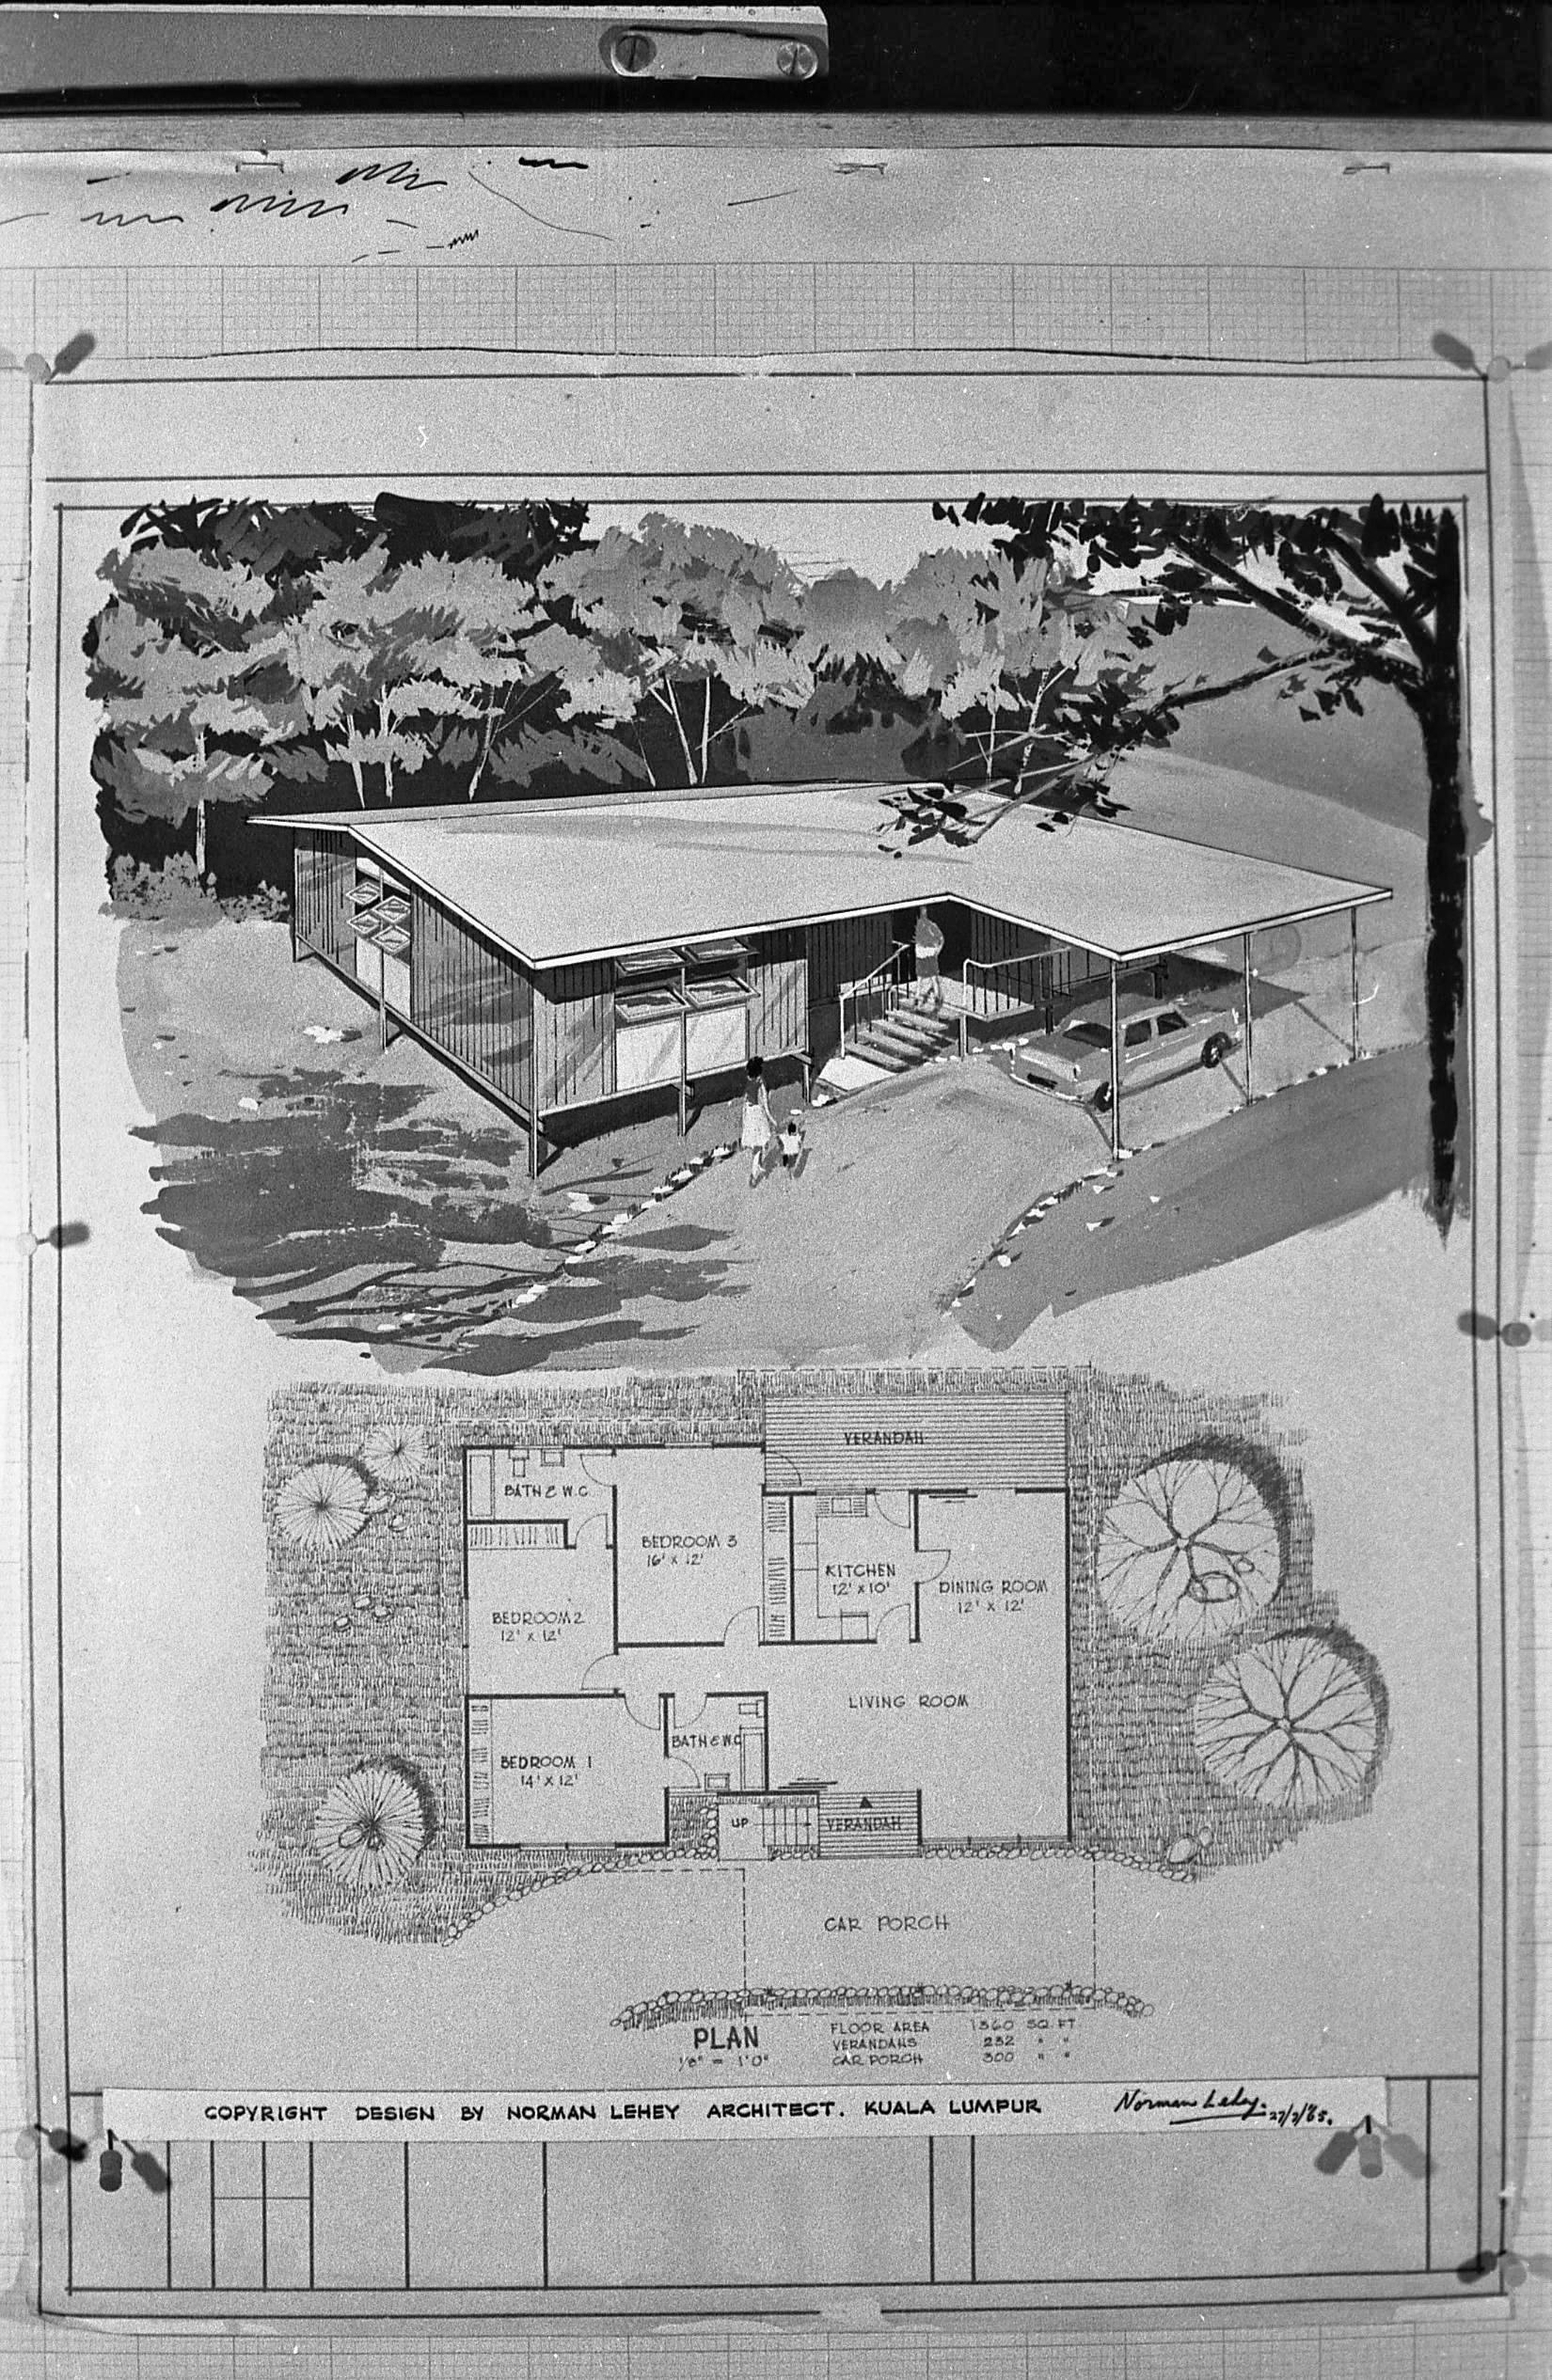 FLDA-house-5.jpeg